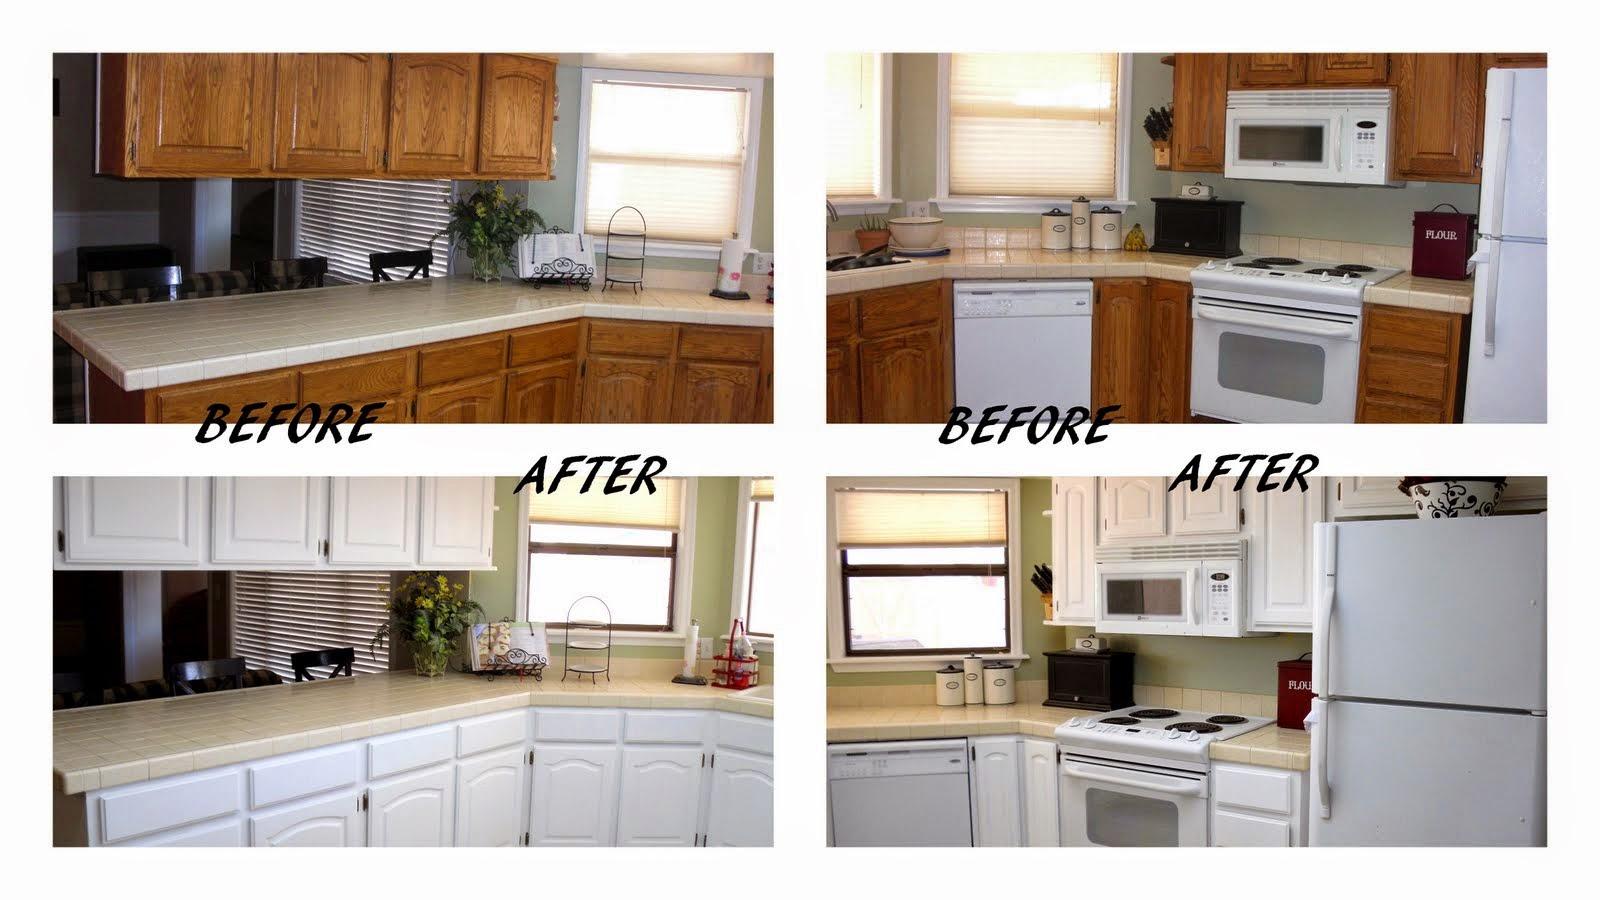 Kuchnia przed i po metamorfozie